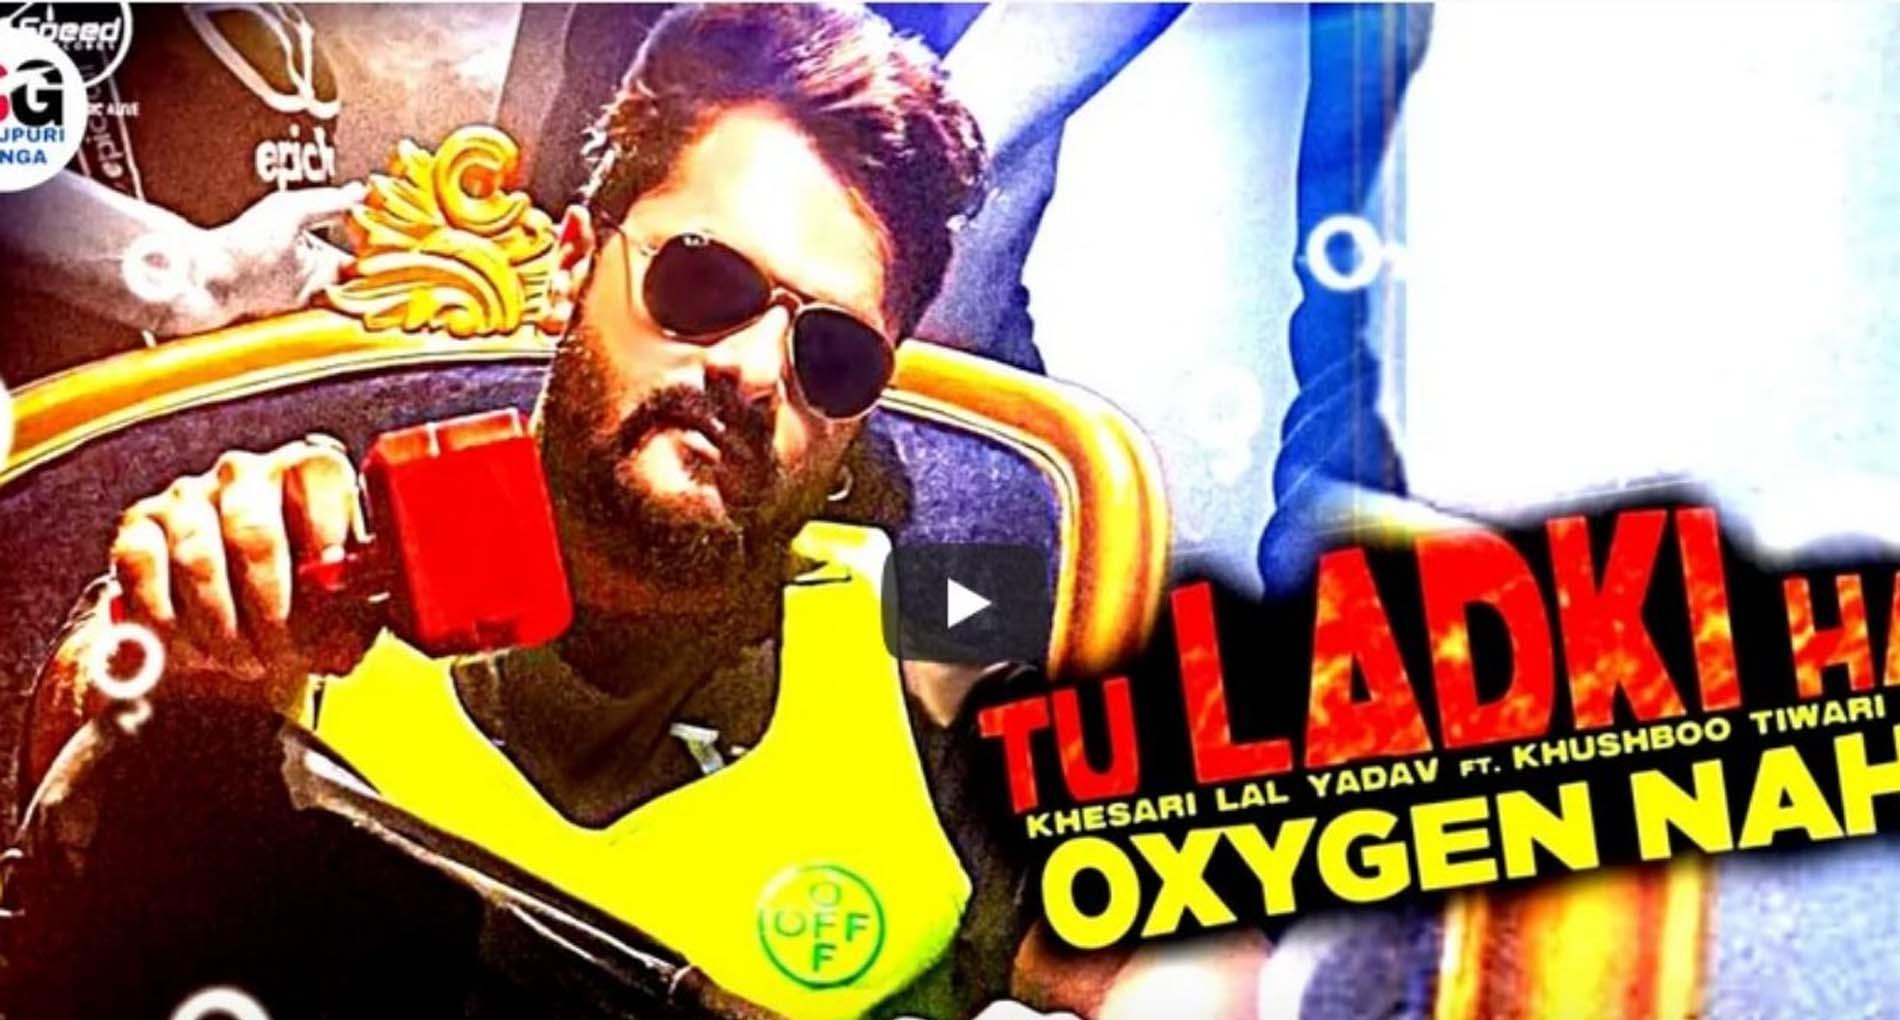 Khesari Lal Song: खेसारी लाल के गाने 'तू लड़की है ऑक्सीजन नहीं' ने मचा दिया धमाल! देखें वीडियो